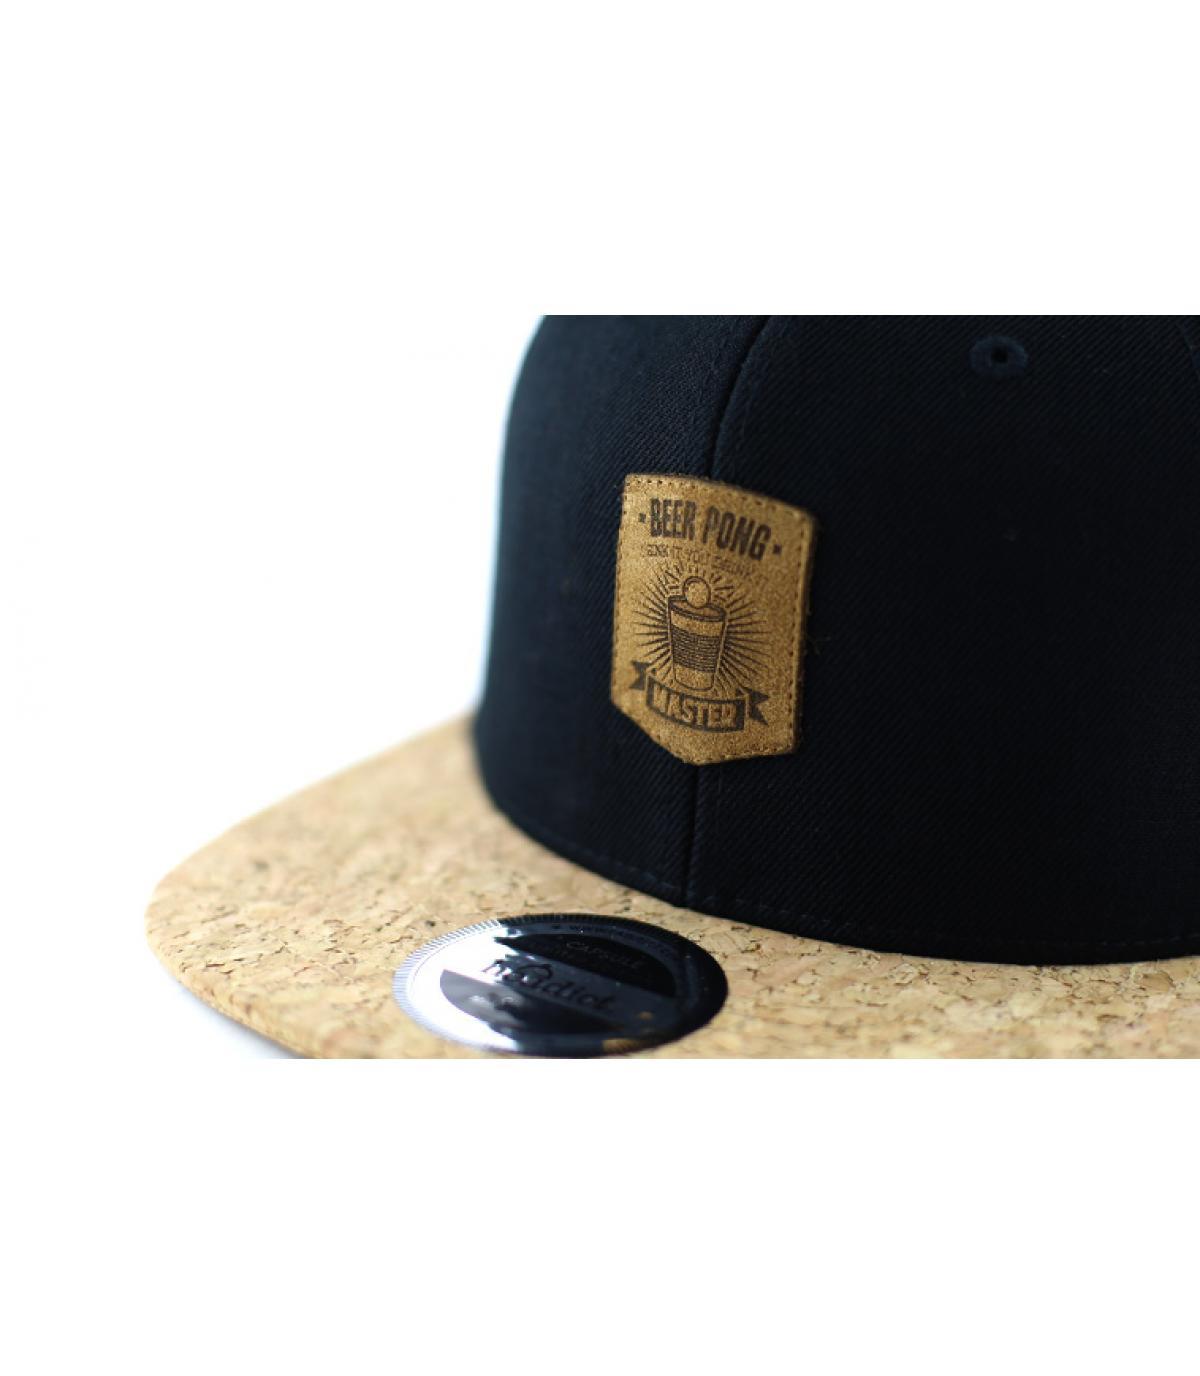 Dettagli Snapback Beer Pong black cork - image 3